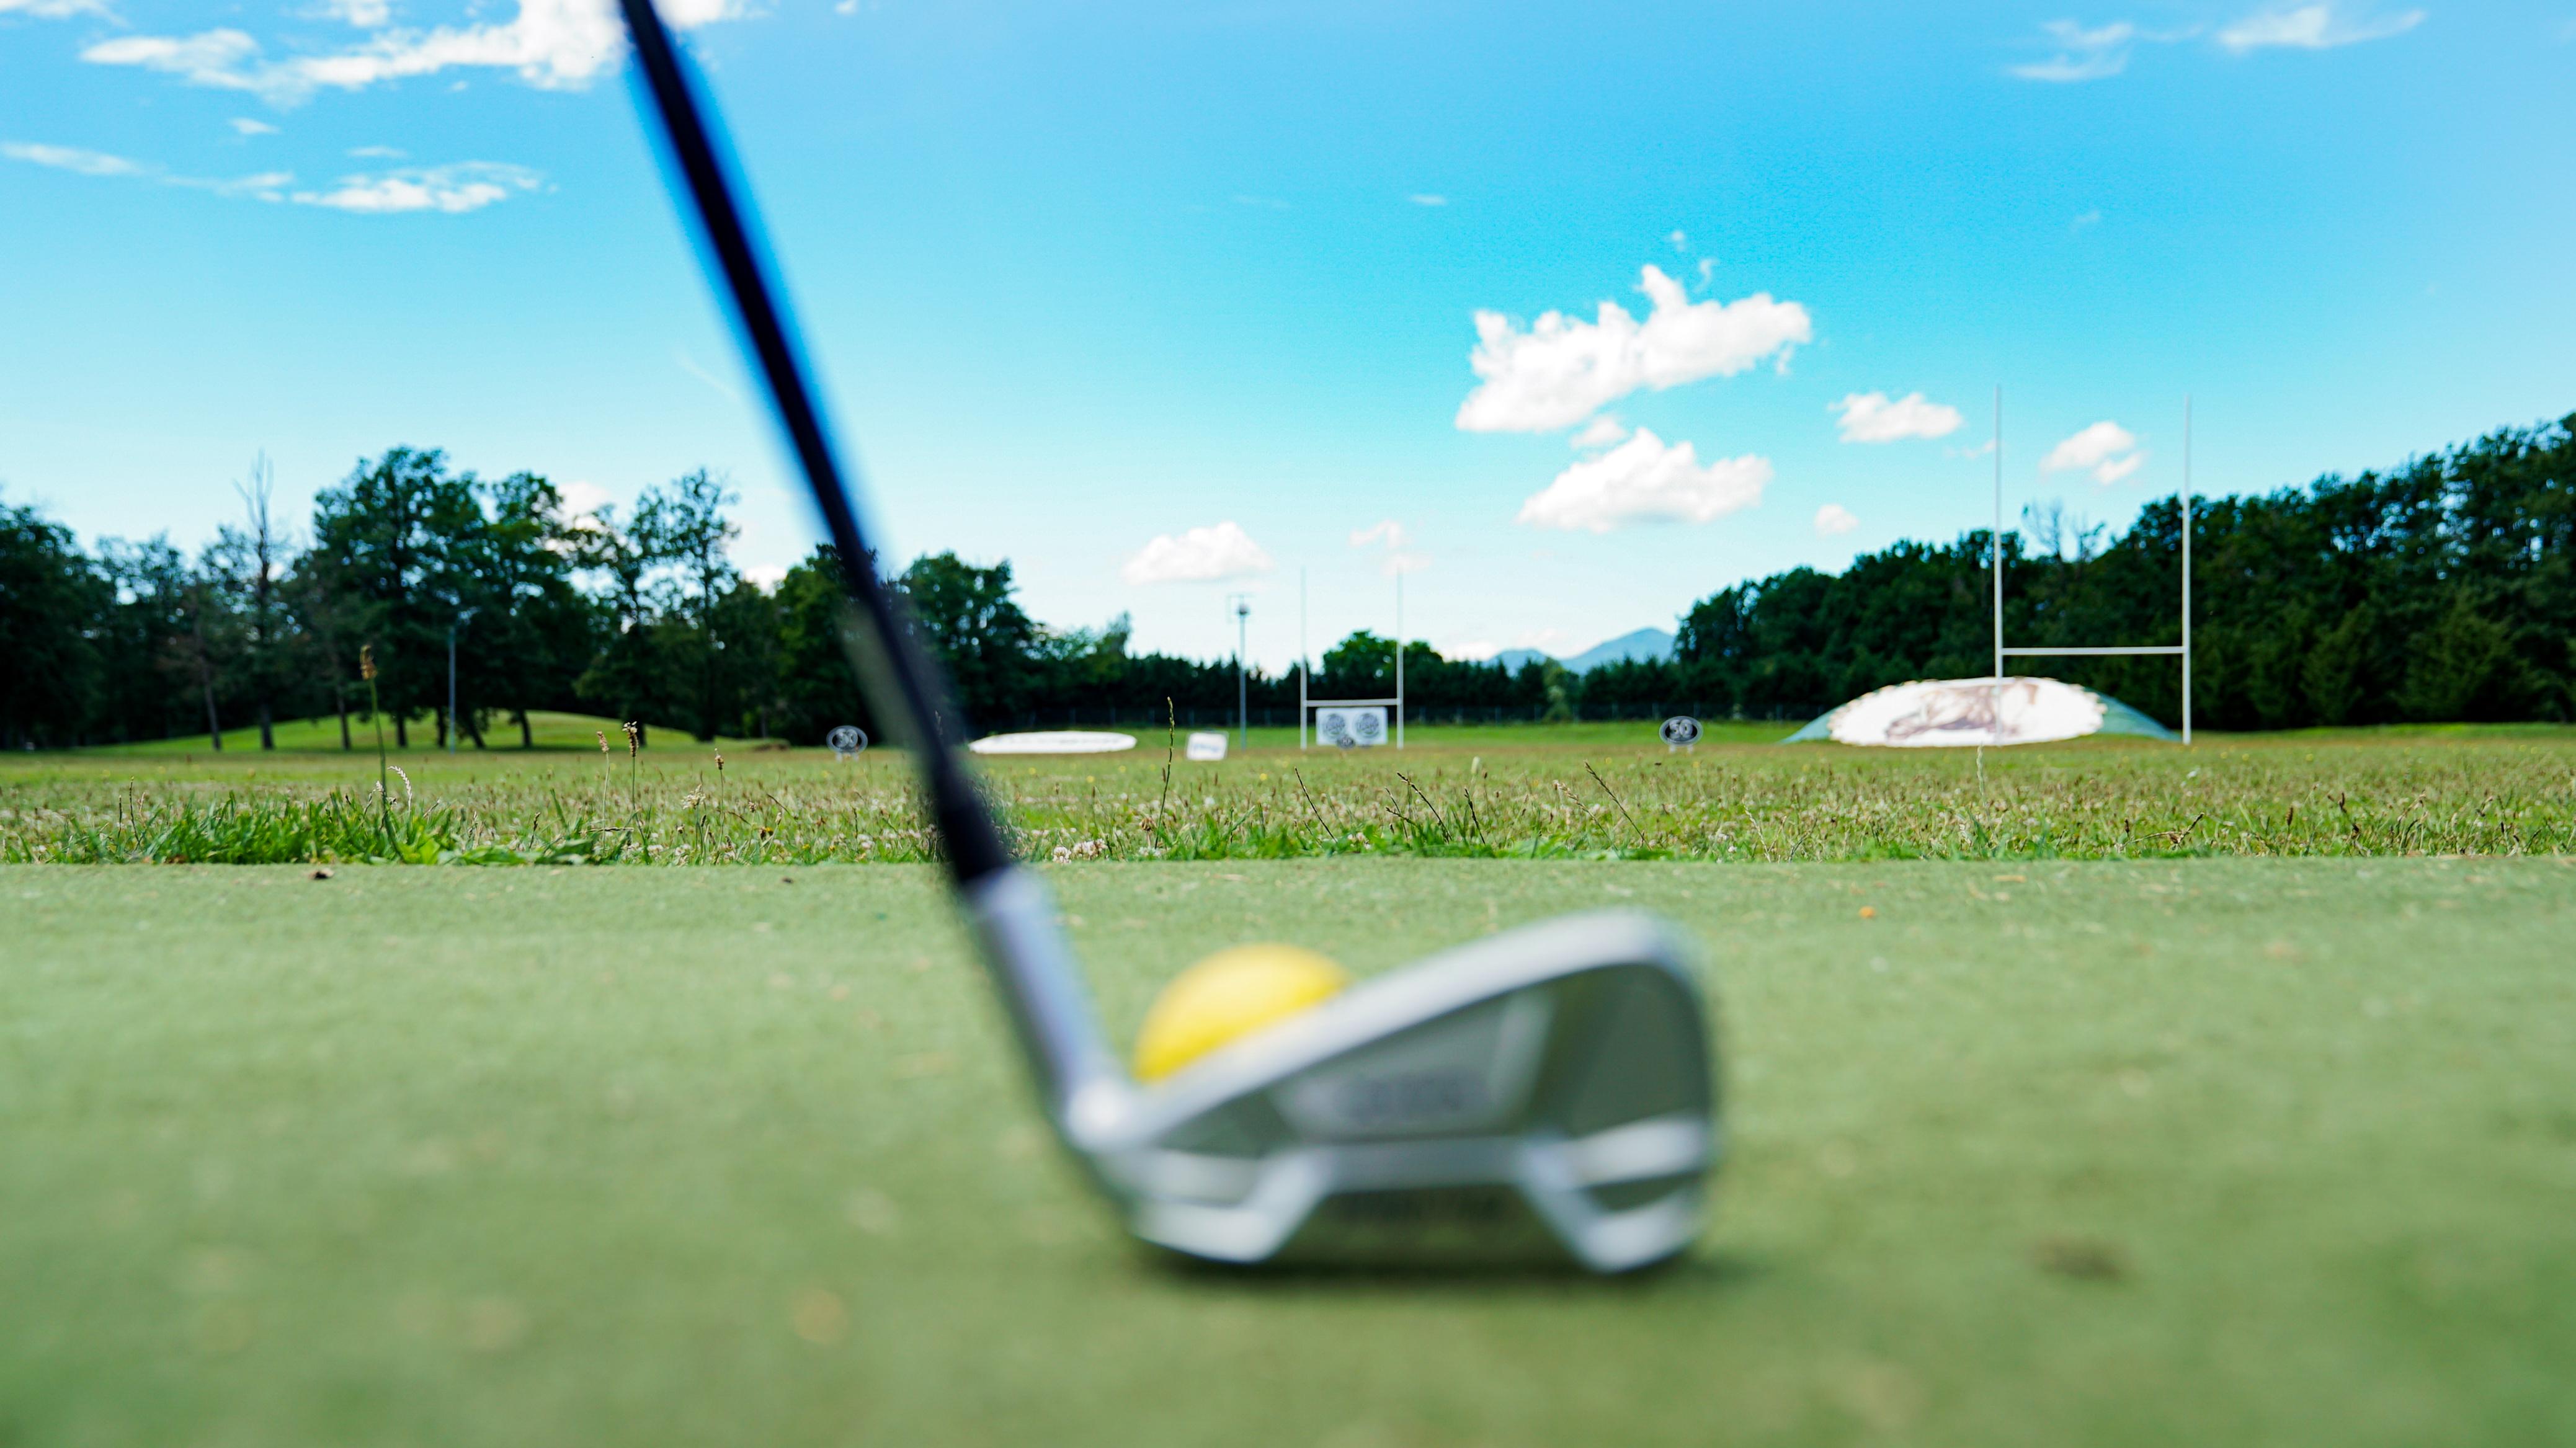 Golf des bouleaux club + balle